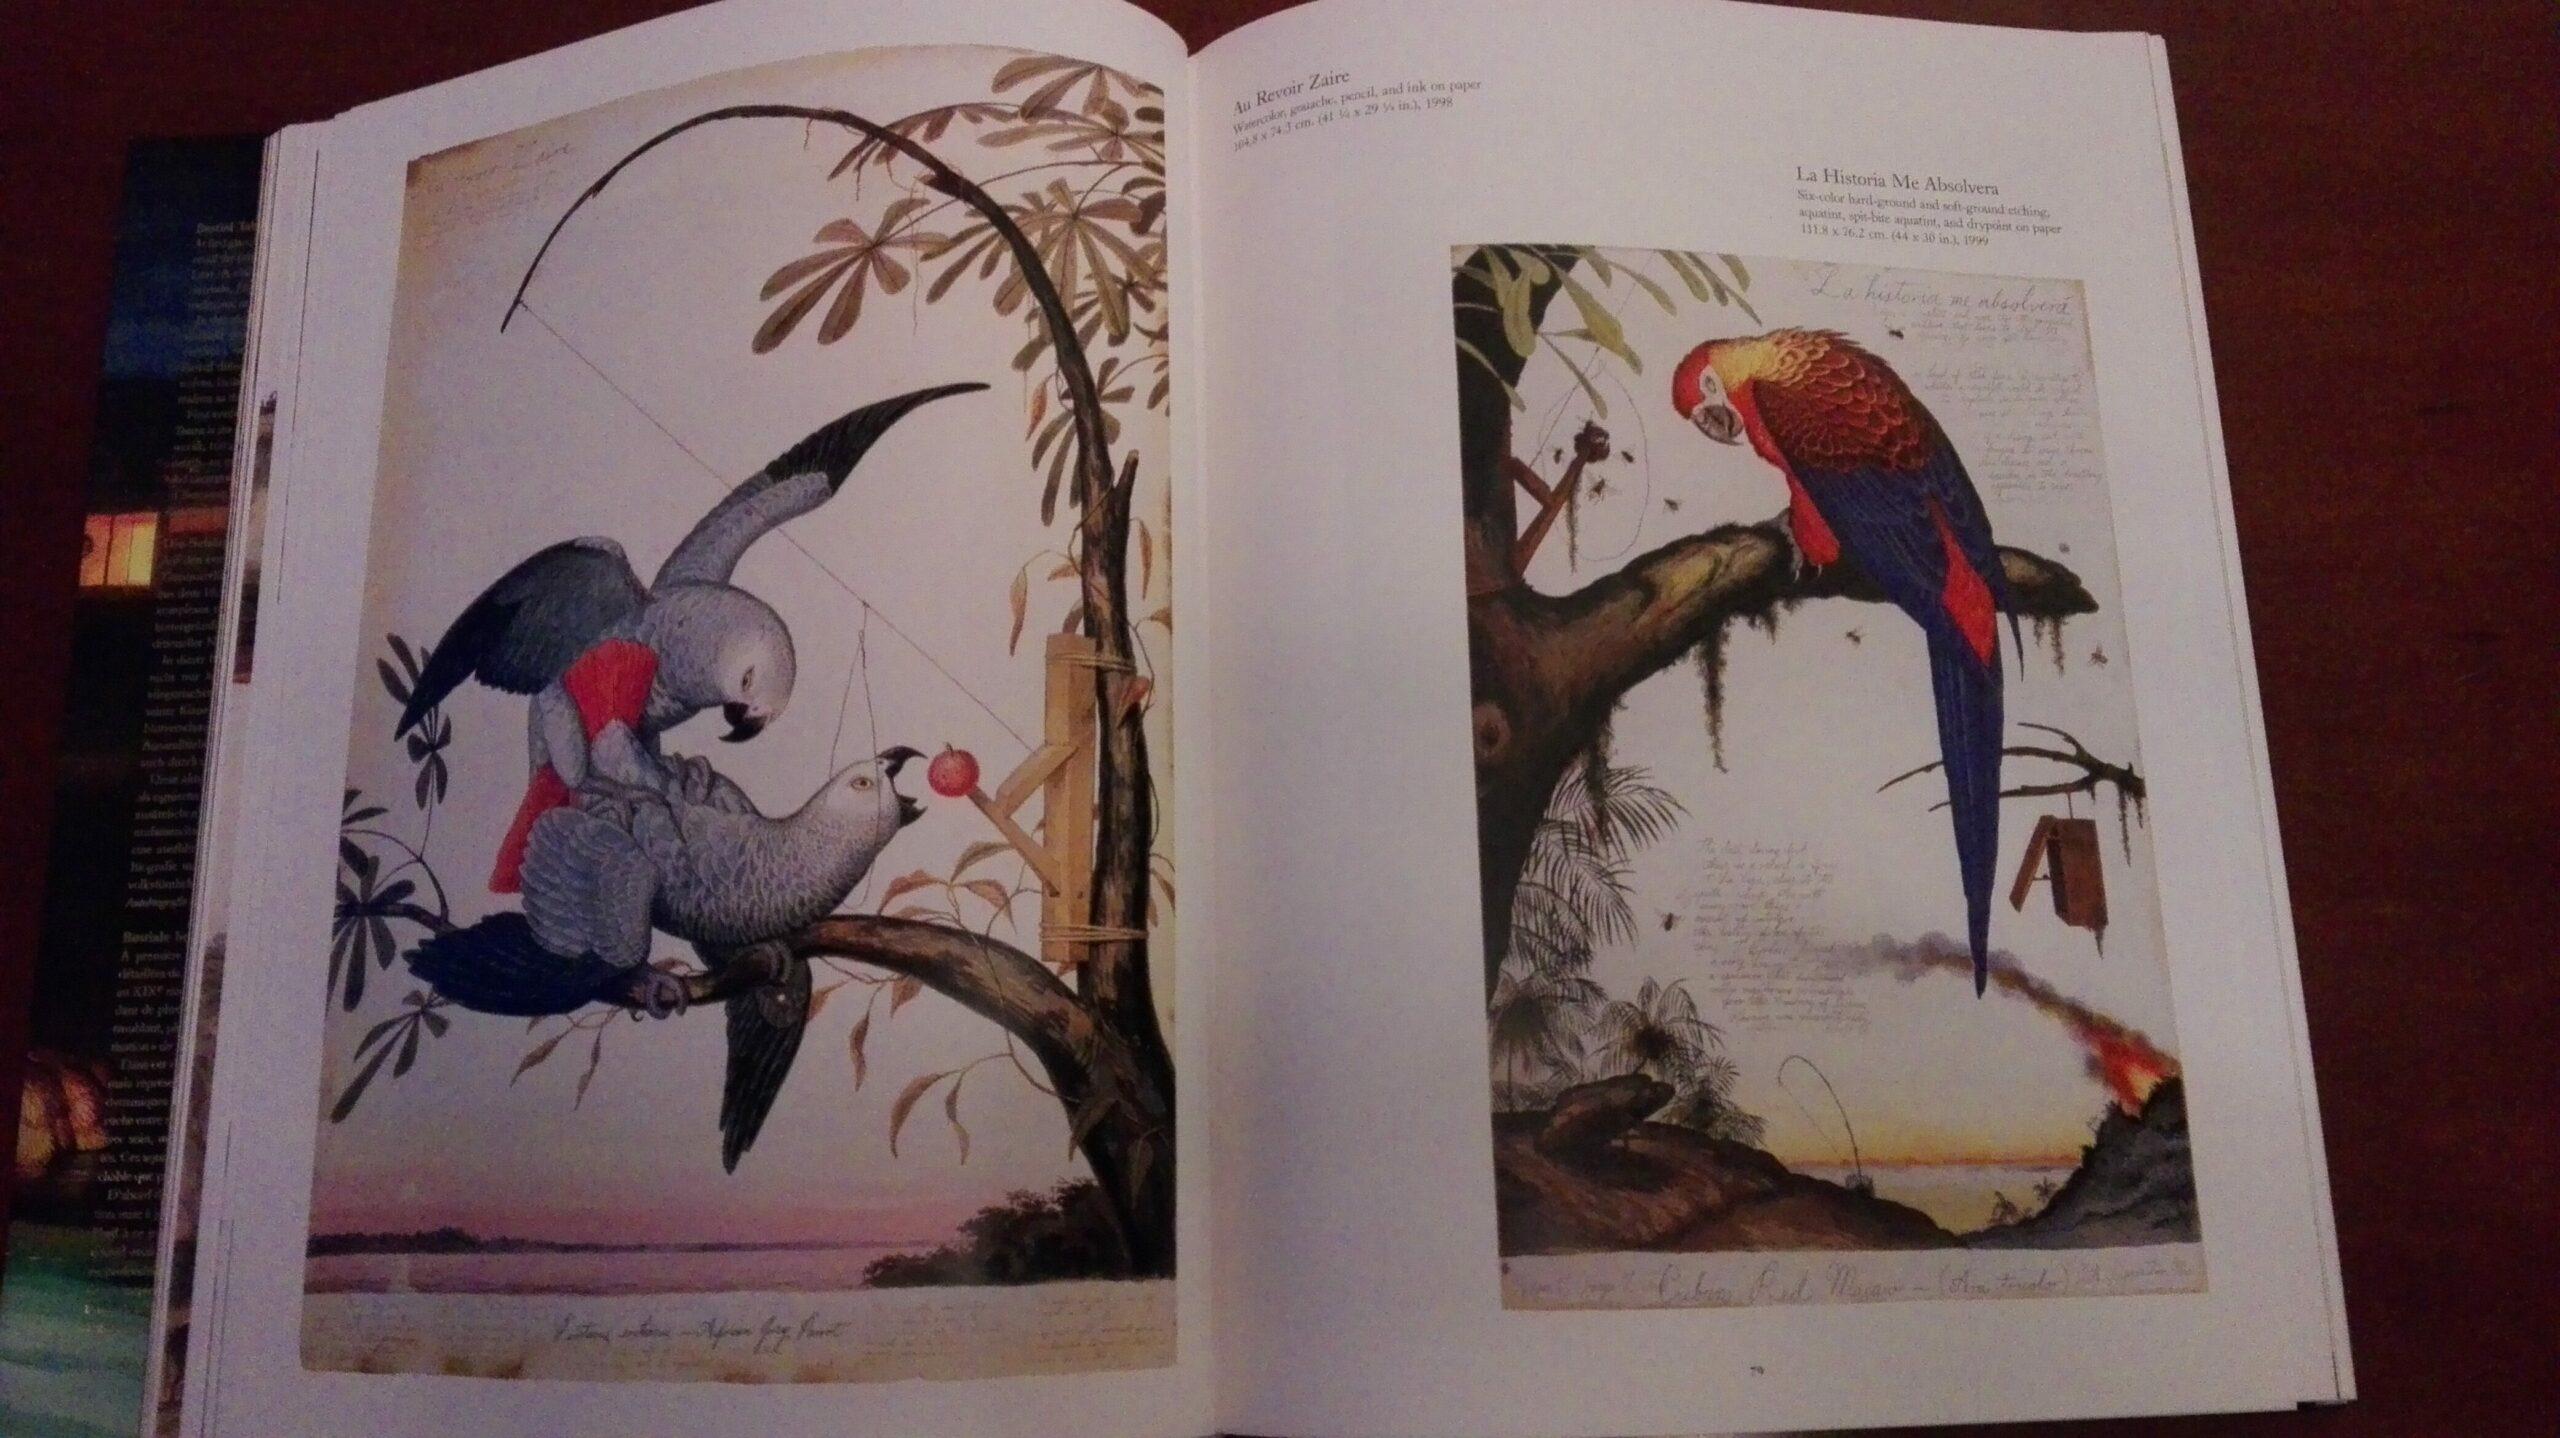 Bilde fra en dobbeltside i en bok. Bildet viser to malerier, begge av fugler.